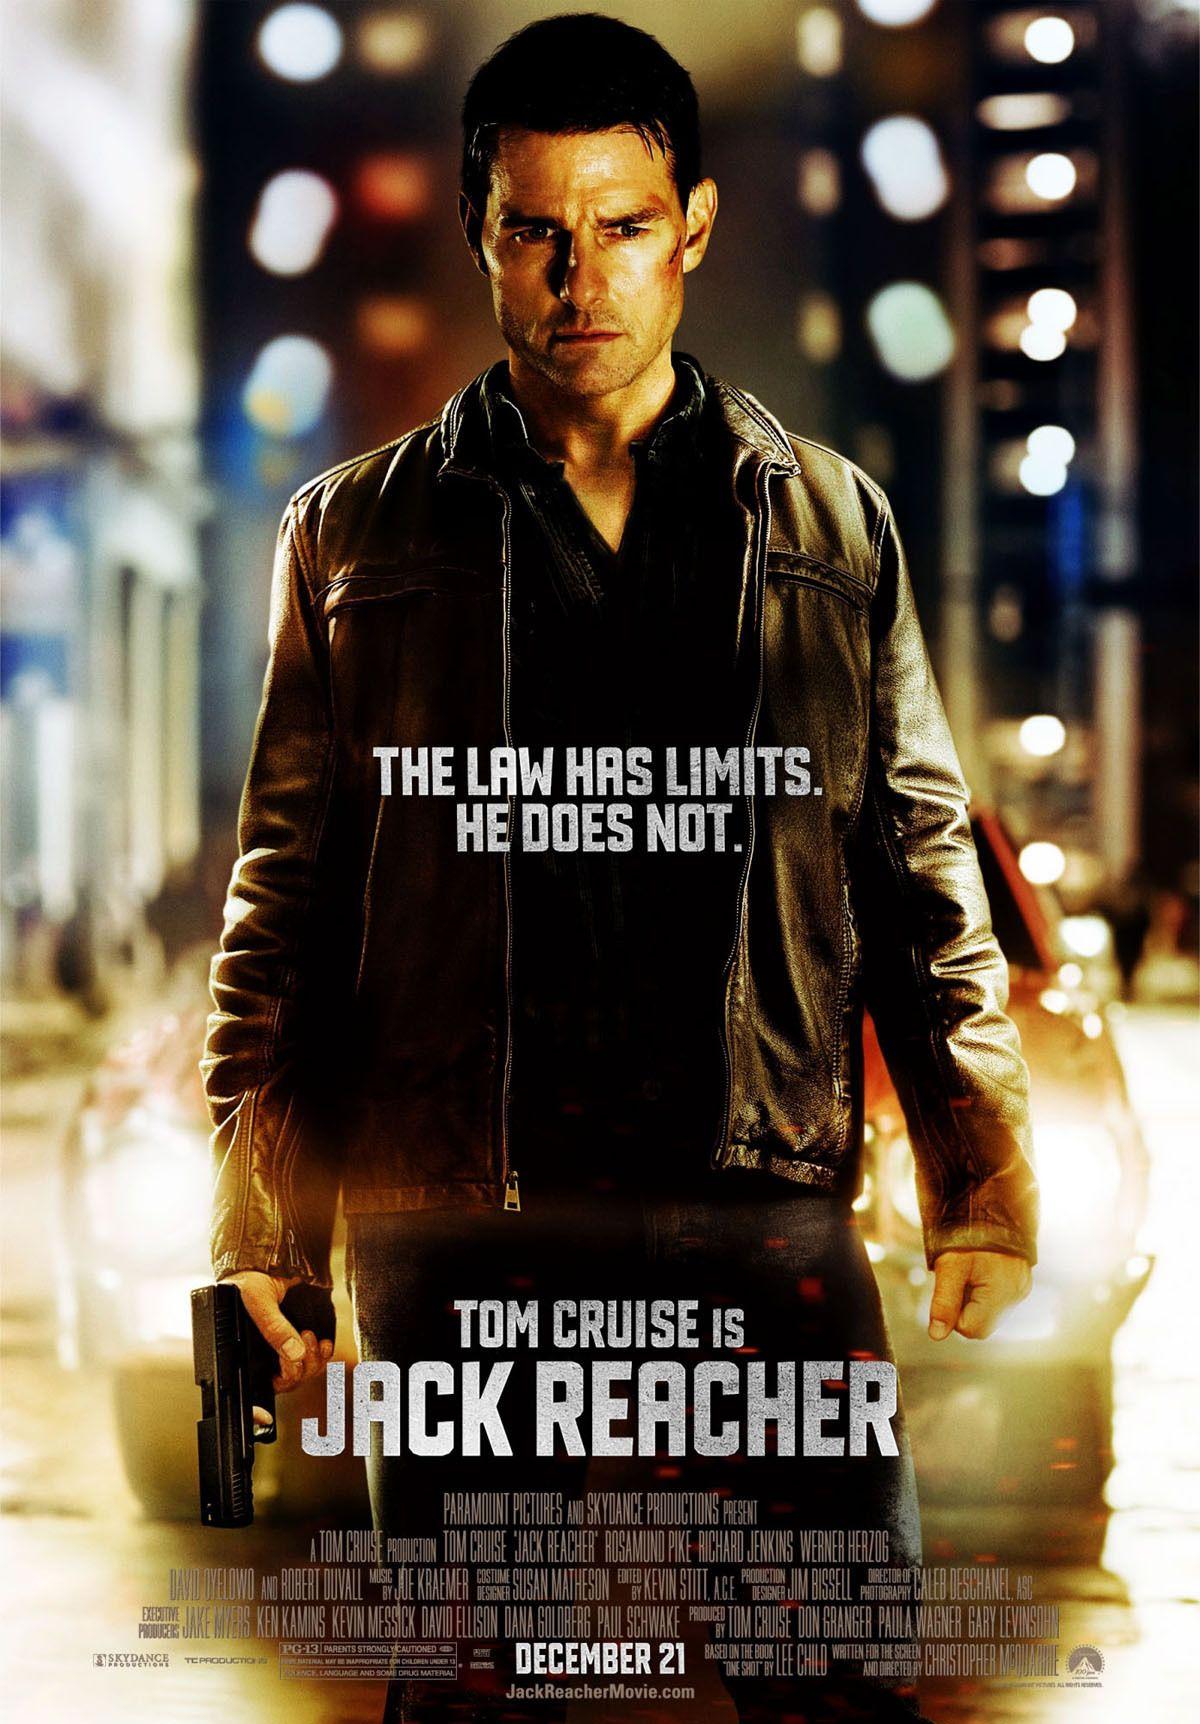 3_1jack_reacher_one_sheet.jpg